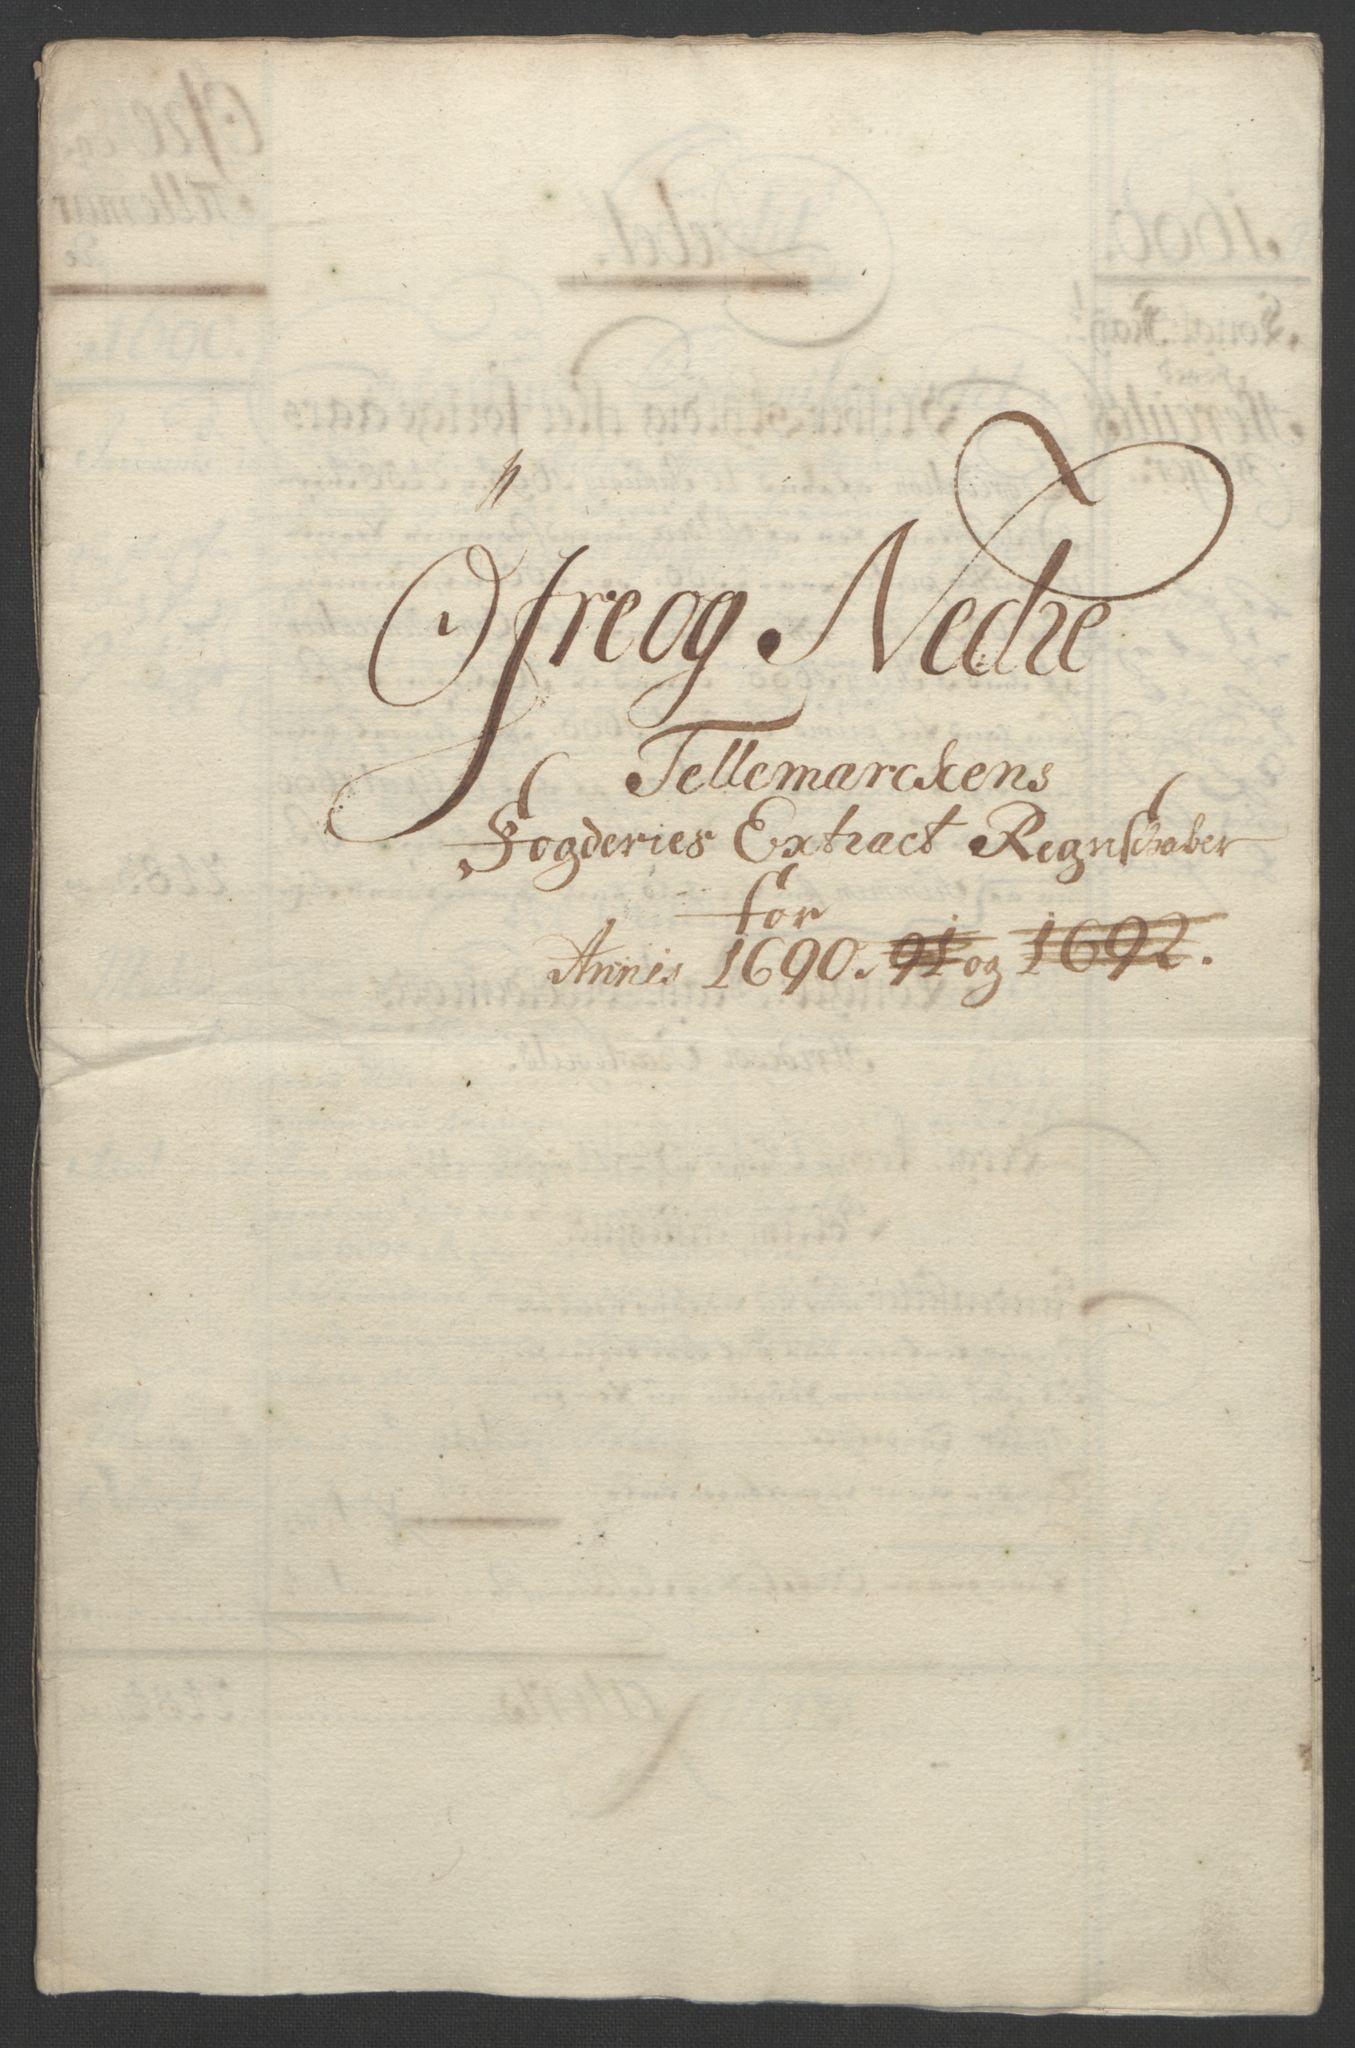 RA, Rentekammeret inntil 1814, Reviderte regnskaper, Fogderegnskap, R35/L2091: Fogderegnskap Øvre og Nedre Telemark, 1690-1693, s. 4